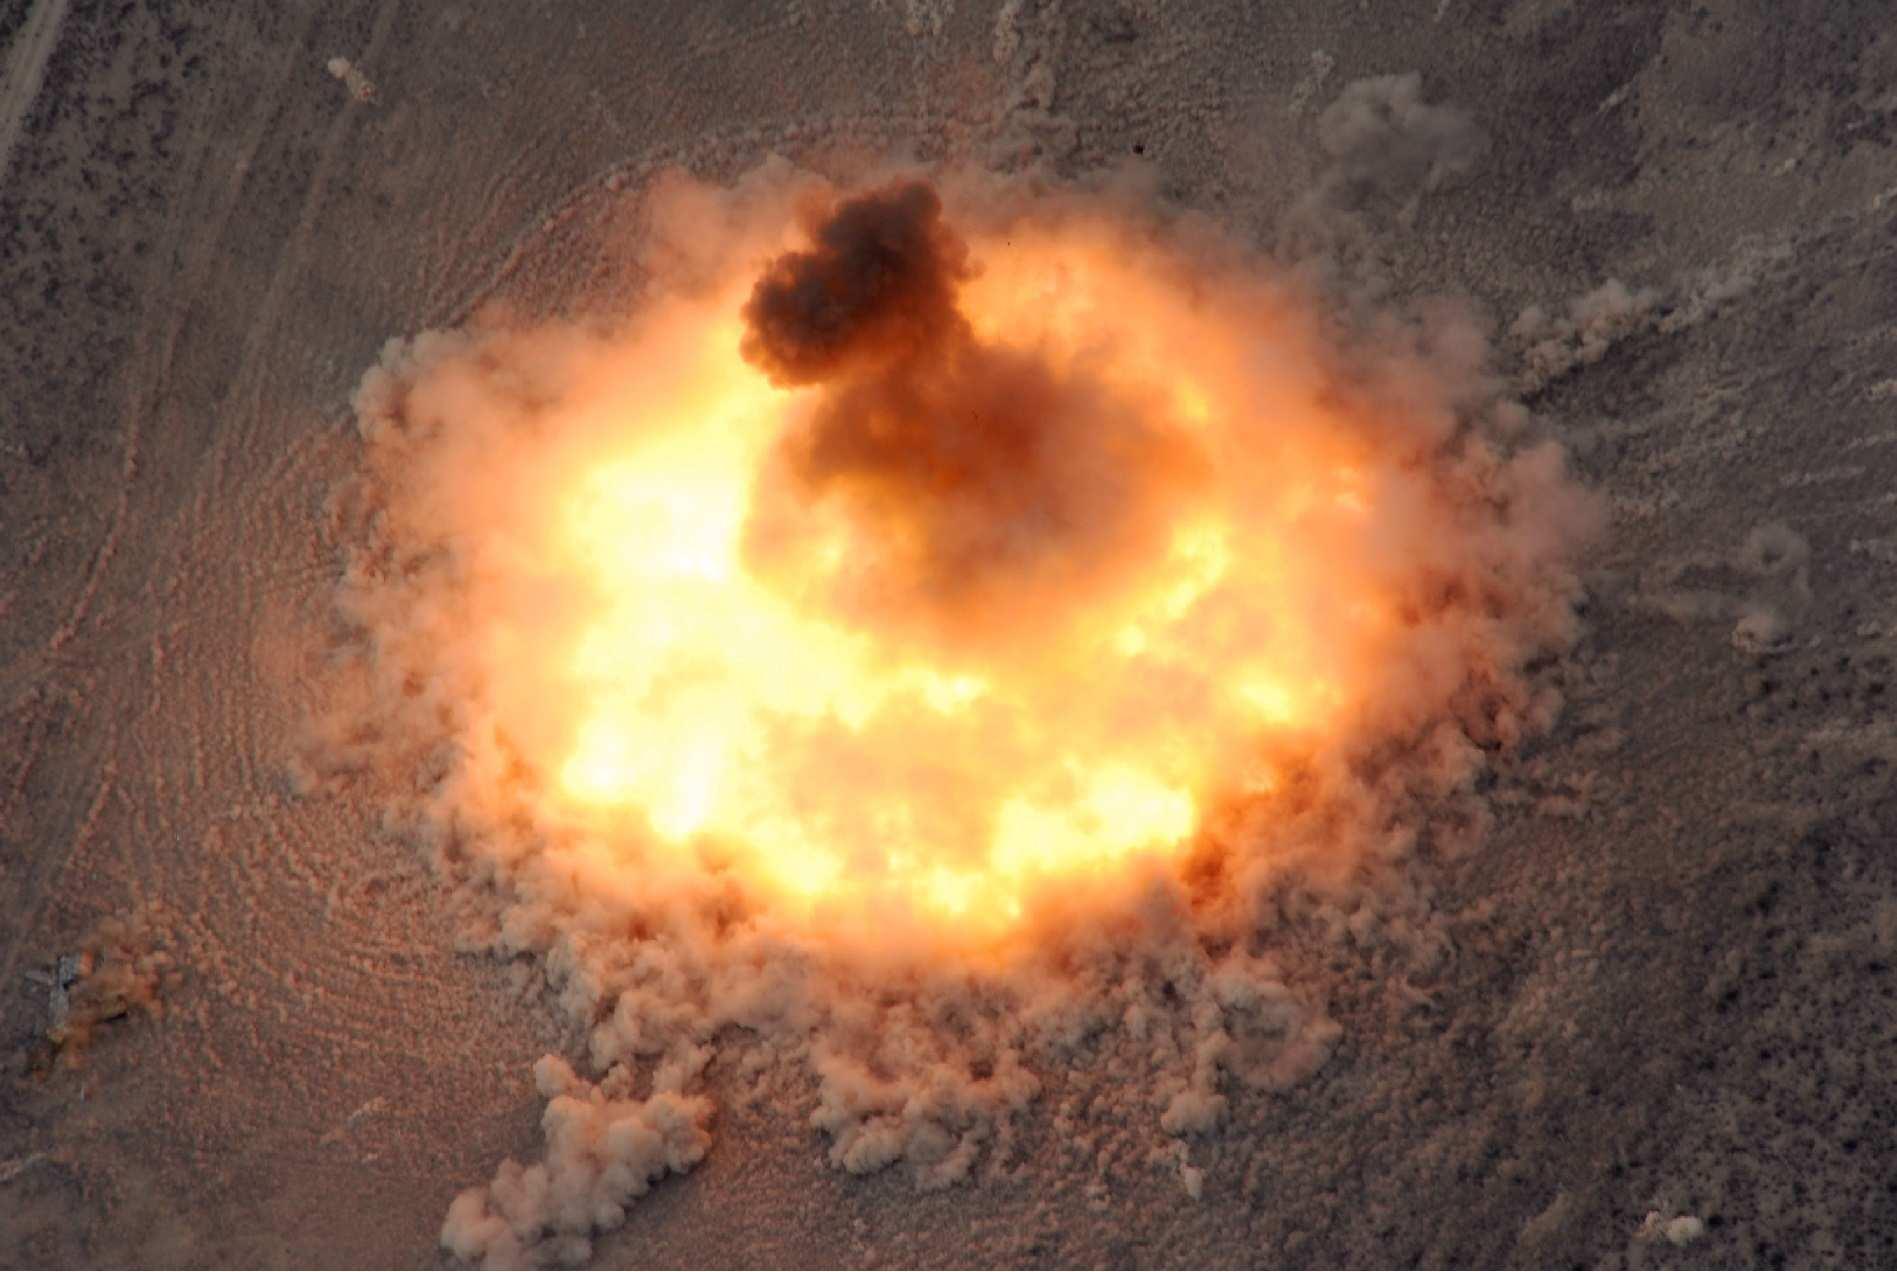 Страшные кадры: БПЛА показал, как бомбы похоронили отряд ИГИЛ в руинах Дамаска (ВИДЕО) | Русская весна